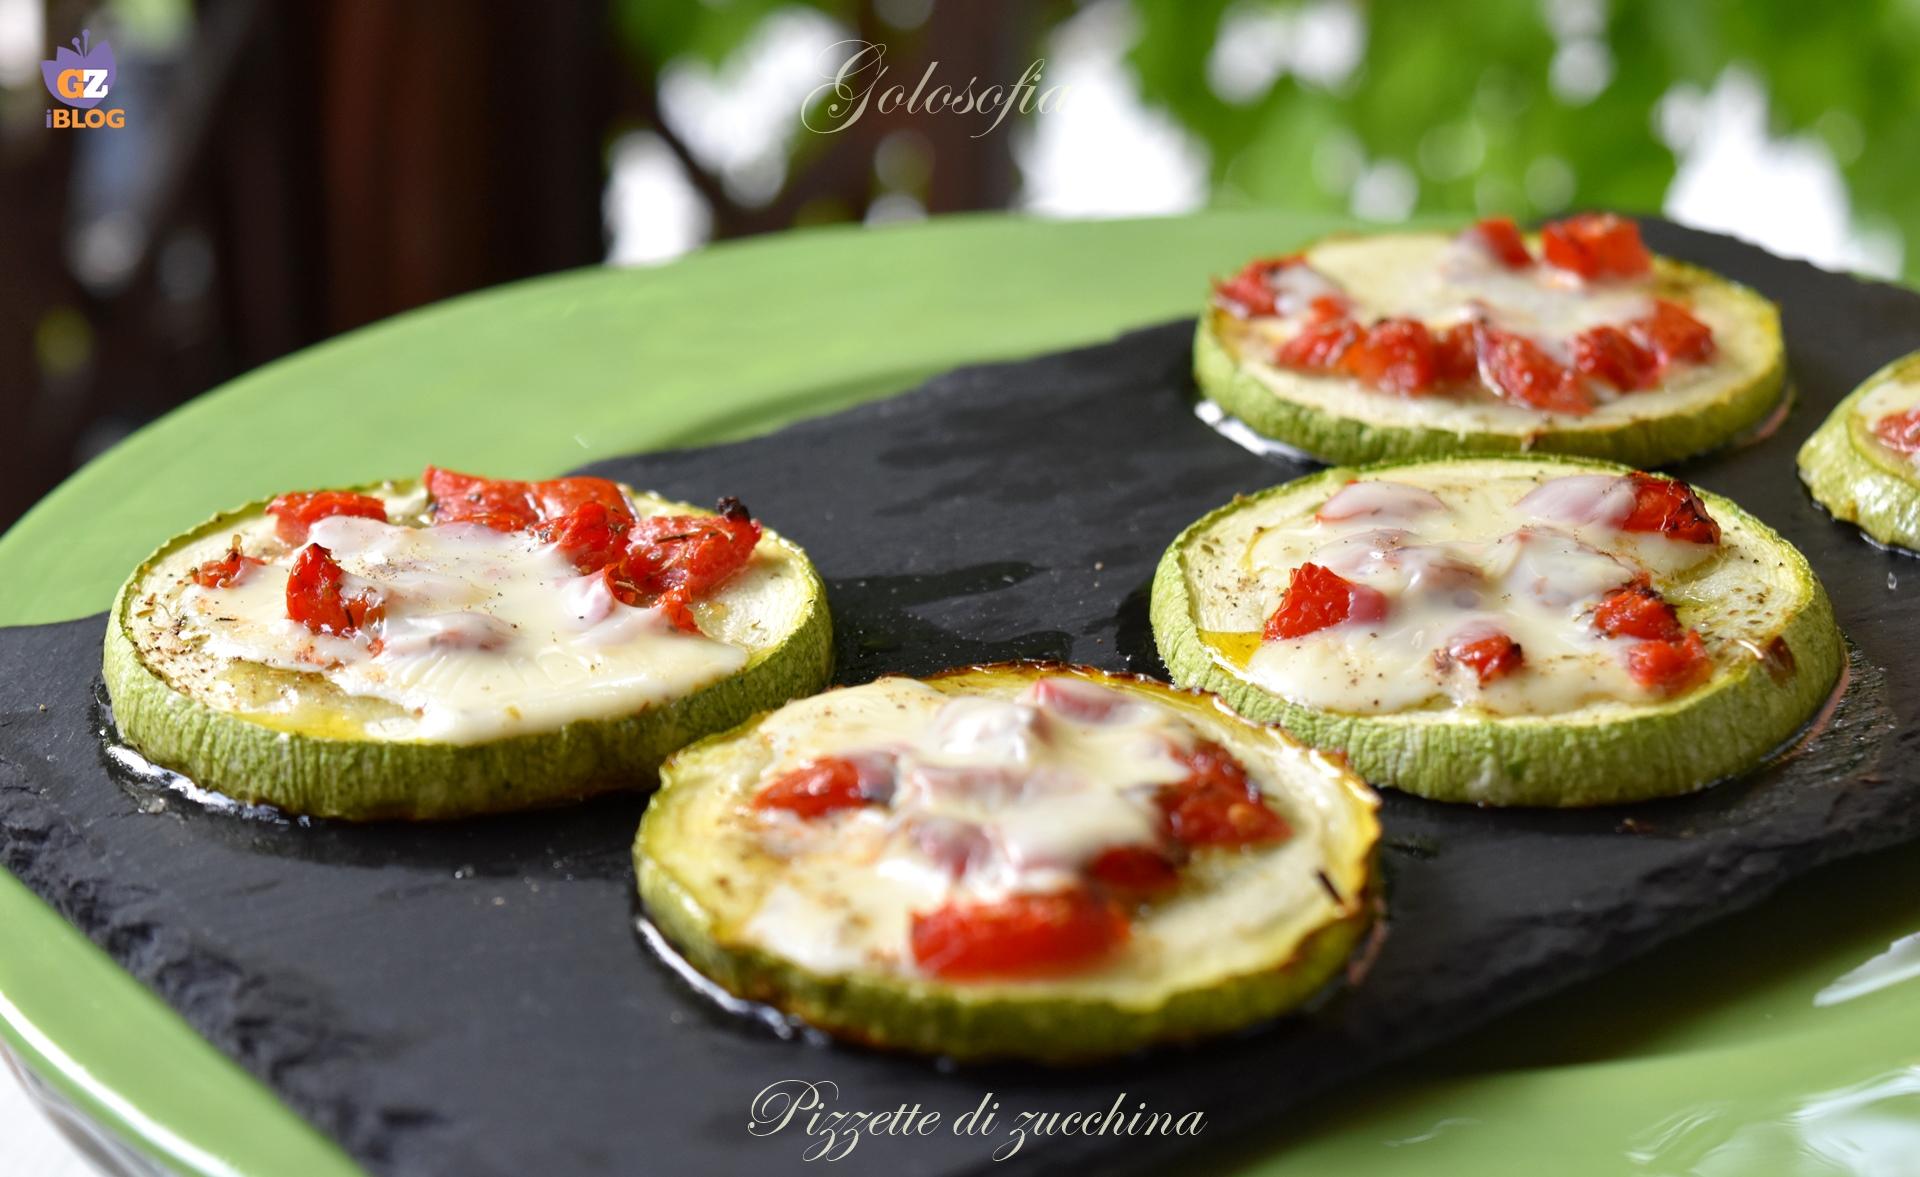 Pizzette di zucchina-ricetta contorni-golosofia